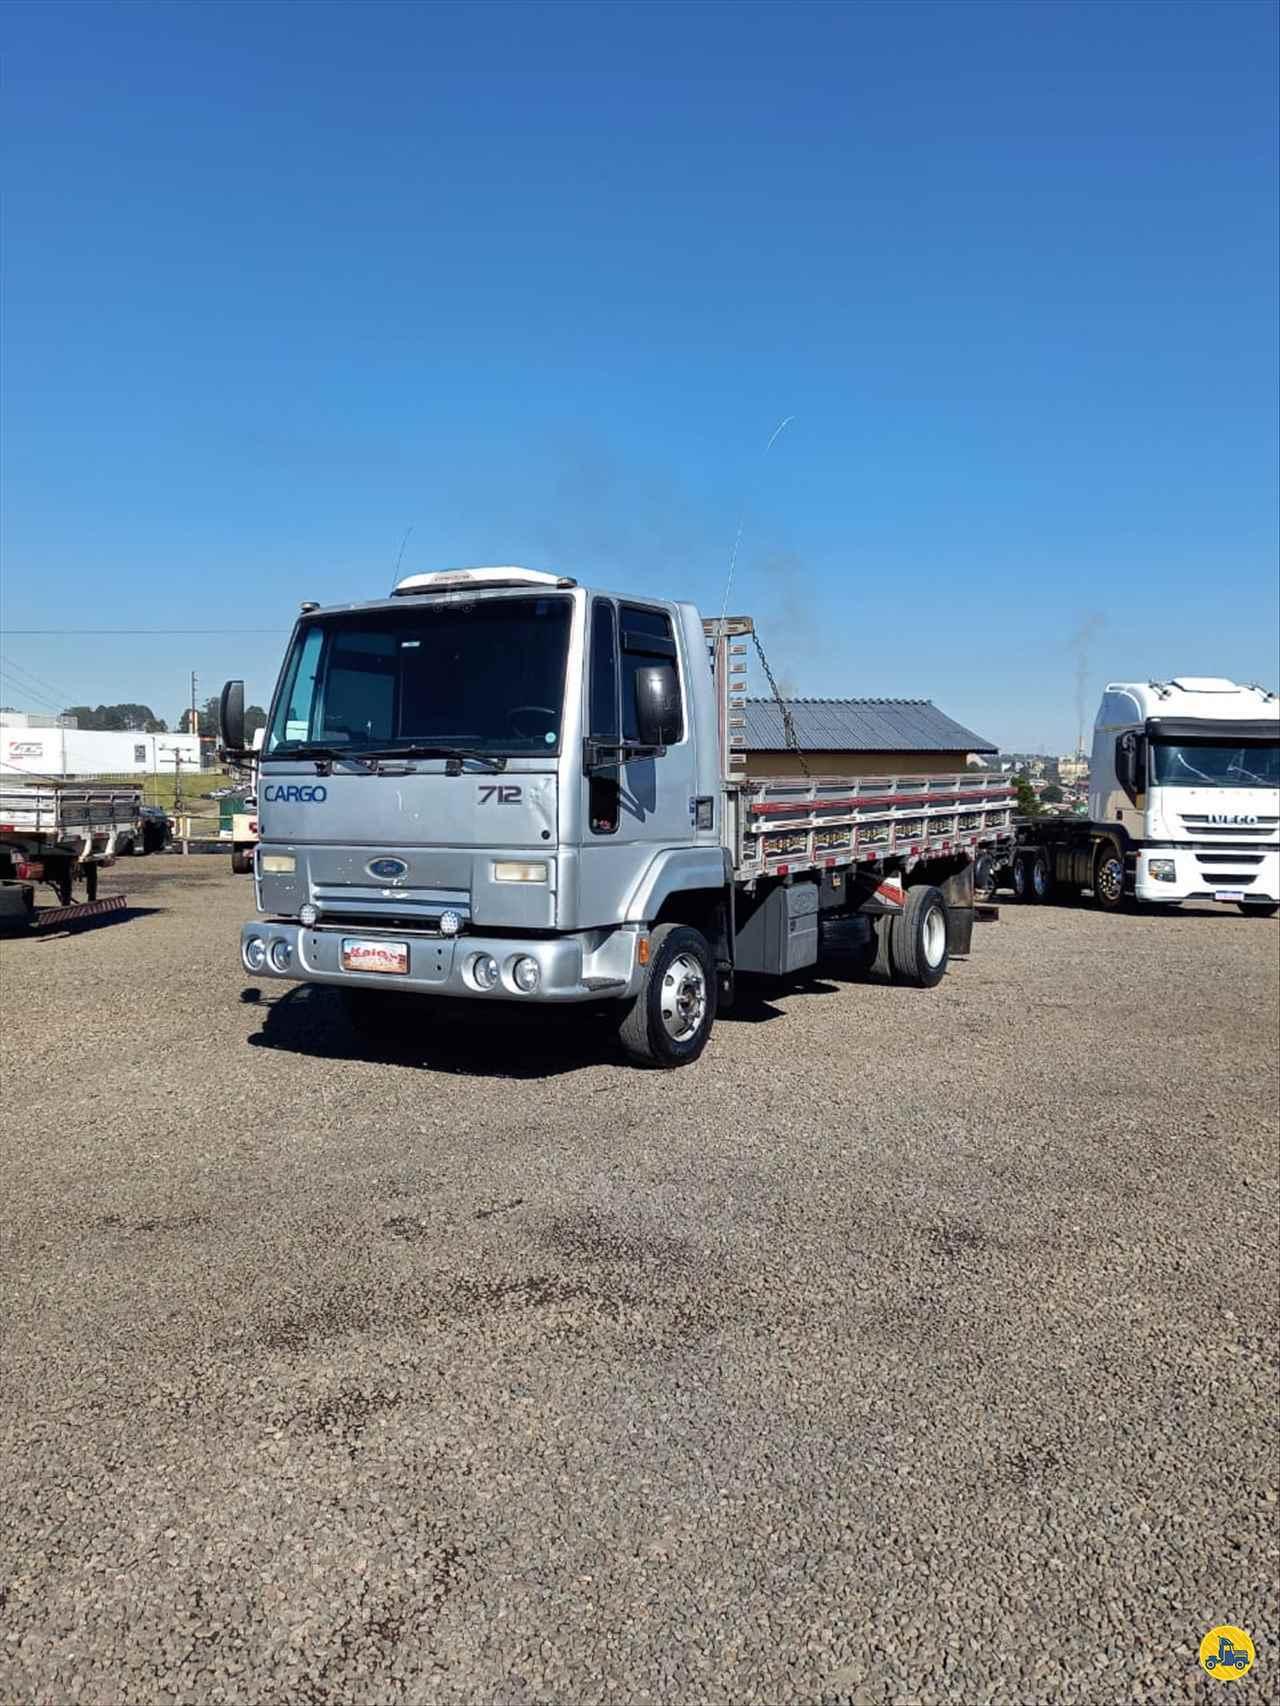 CAMINHAO FORD CARGO 712 Chassis Toco 4x2 Kaio Caminhões LAGES SANTA CATARINA SC